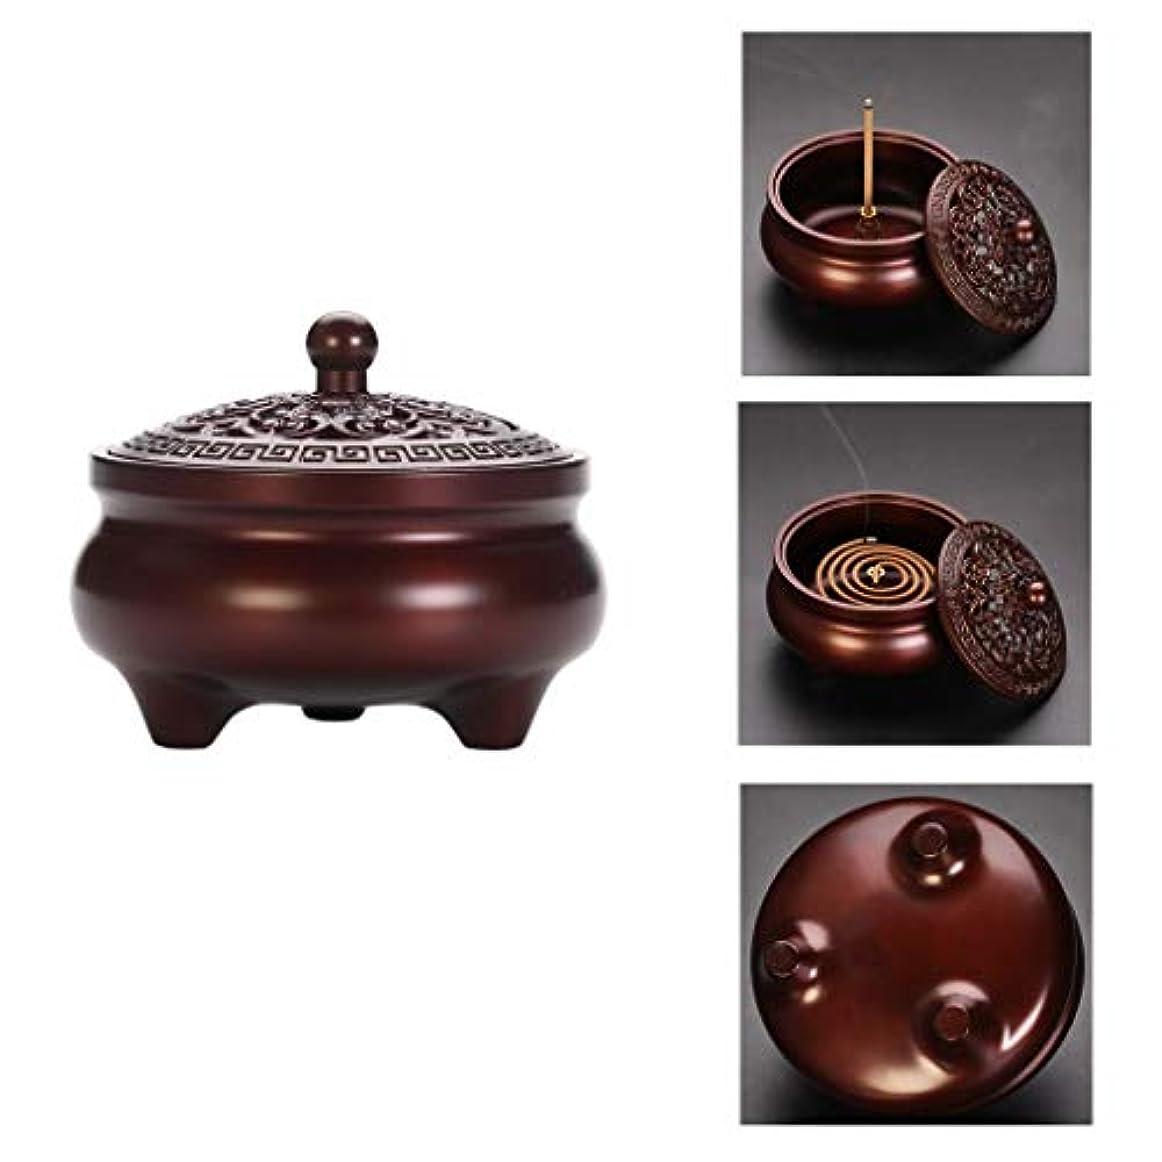 操るソフィー驚くばかり芳香器?アロマバーナー 純銅製メカニズム香炉シンプルでエレガントな香炉内三脚アロマセラピー炉 アロマバーナー (Color : Purple Lotus)